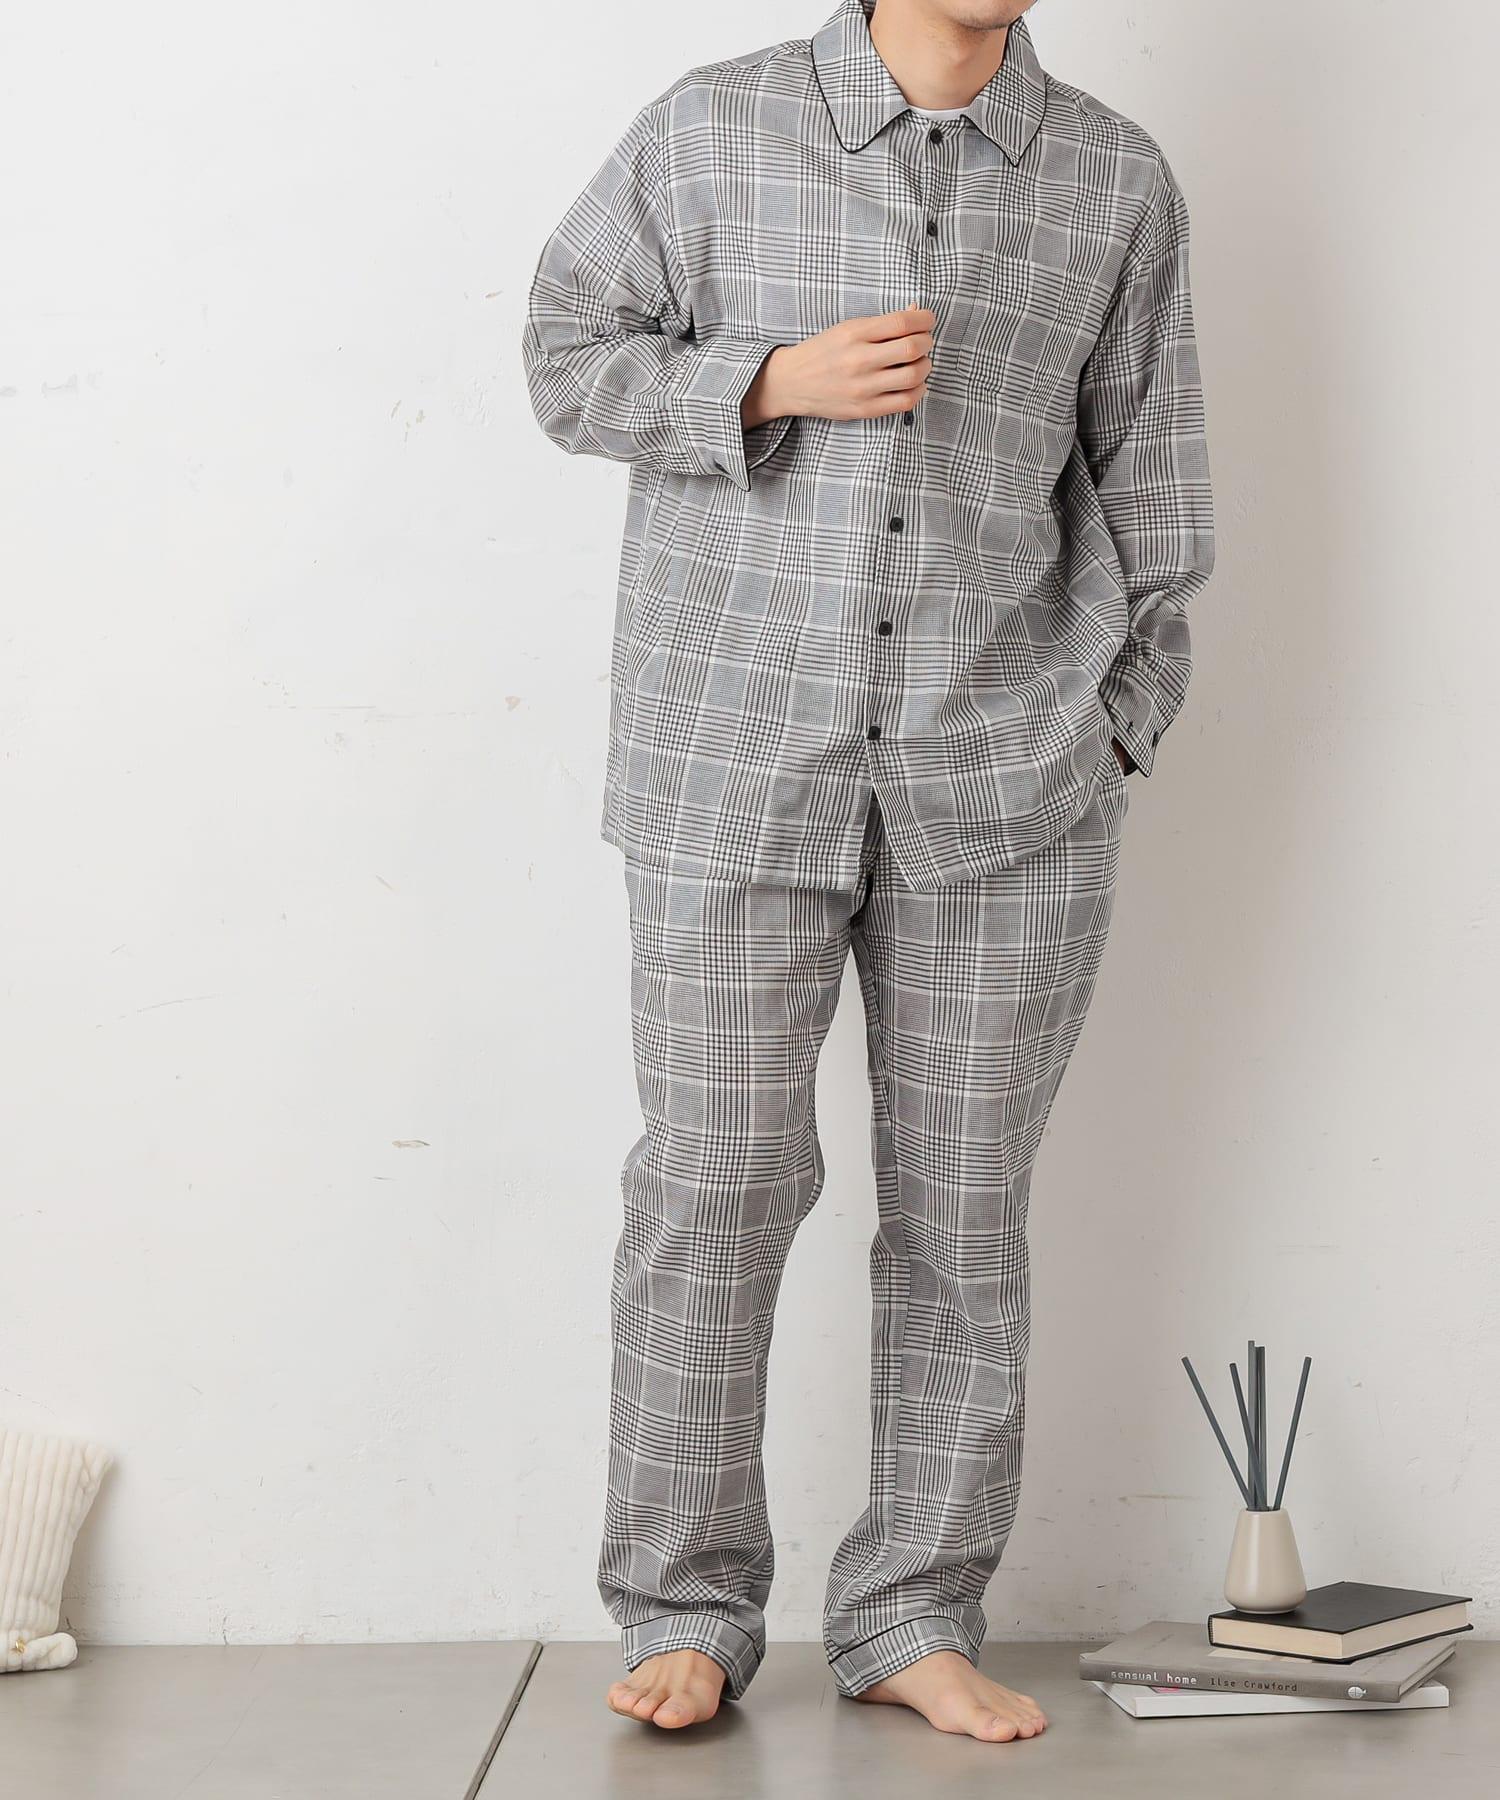 TERRITOIRE(テリトワール) MENS軽やかライトガーゼパジャマ 上下セット